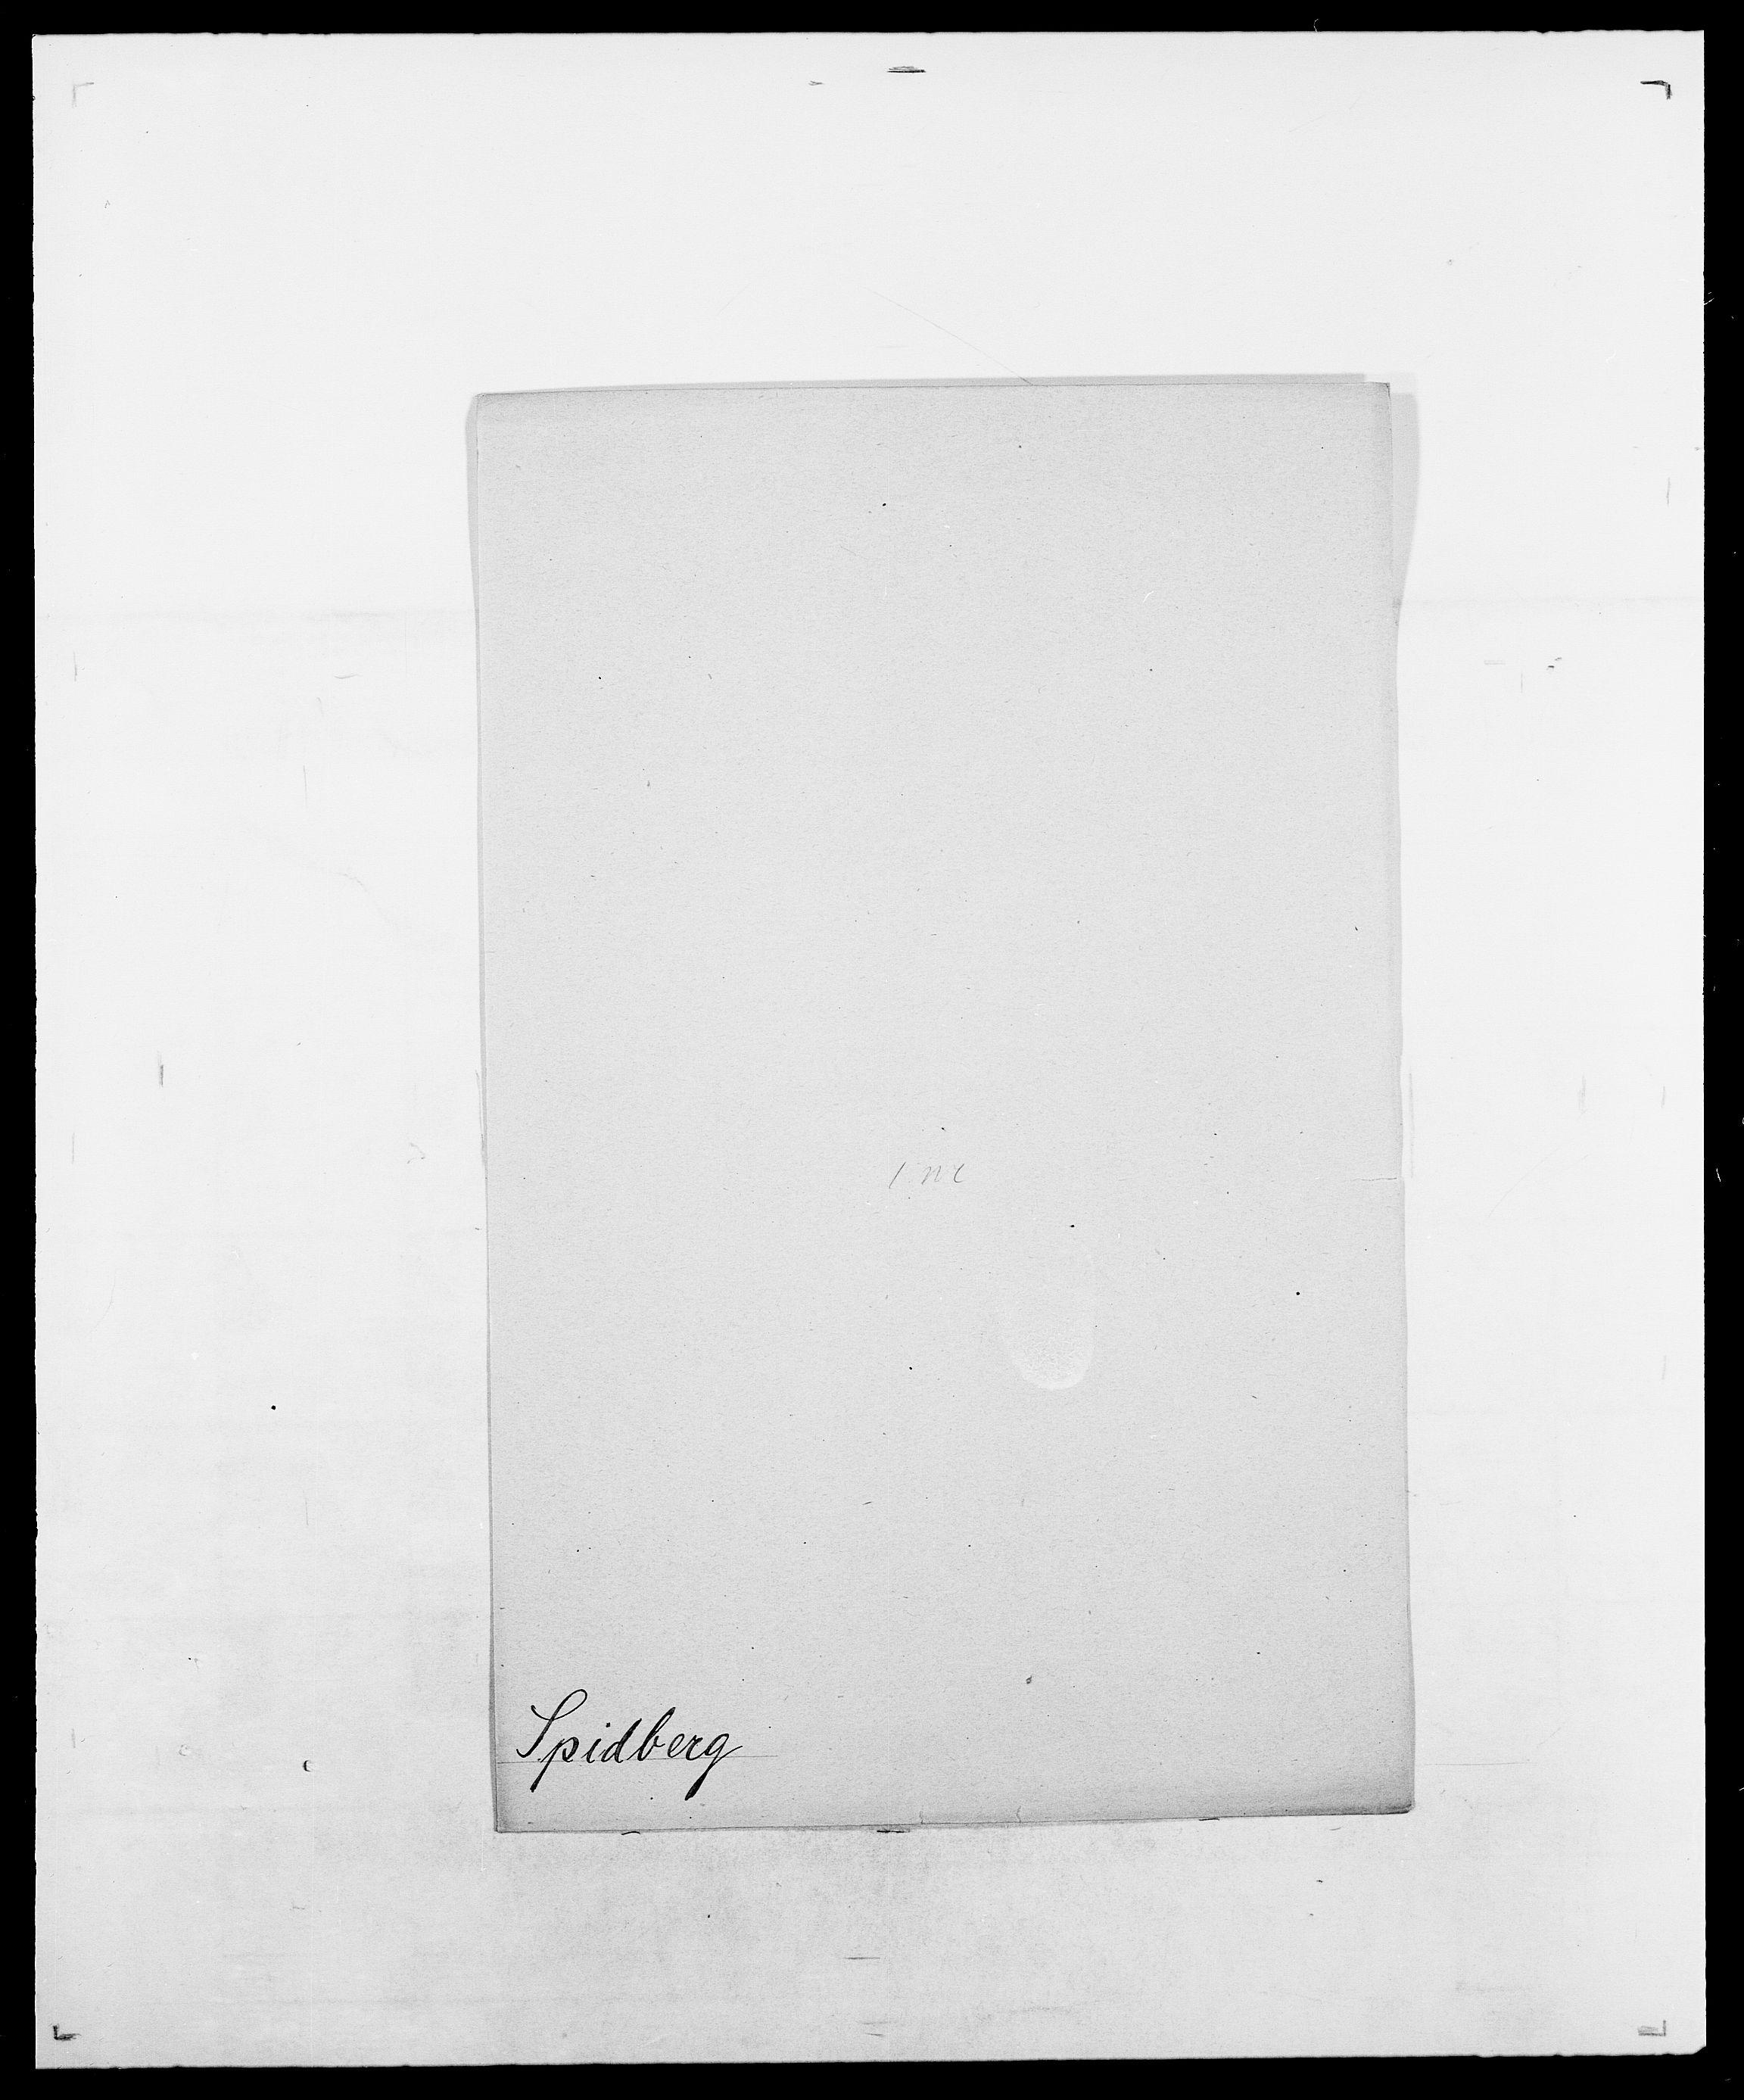 SAO, Delgobe, Charles Antoine - samling, D/Da/L0036: Skaanør - Staverskov, s. 549